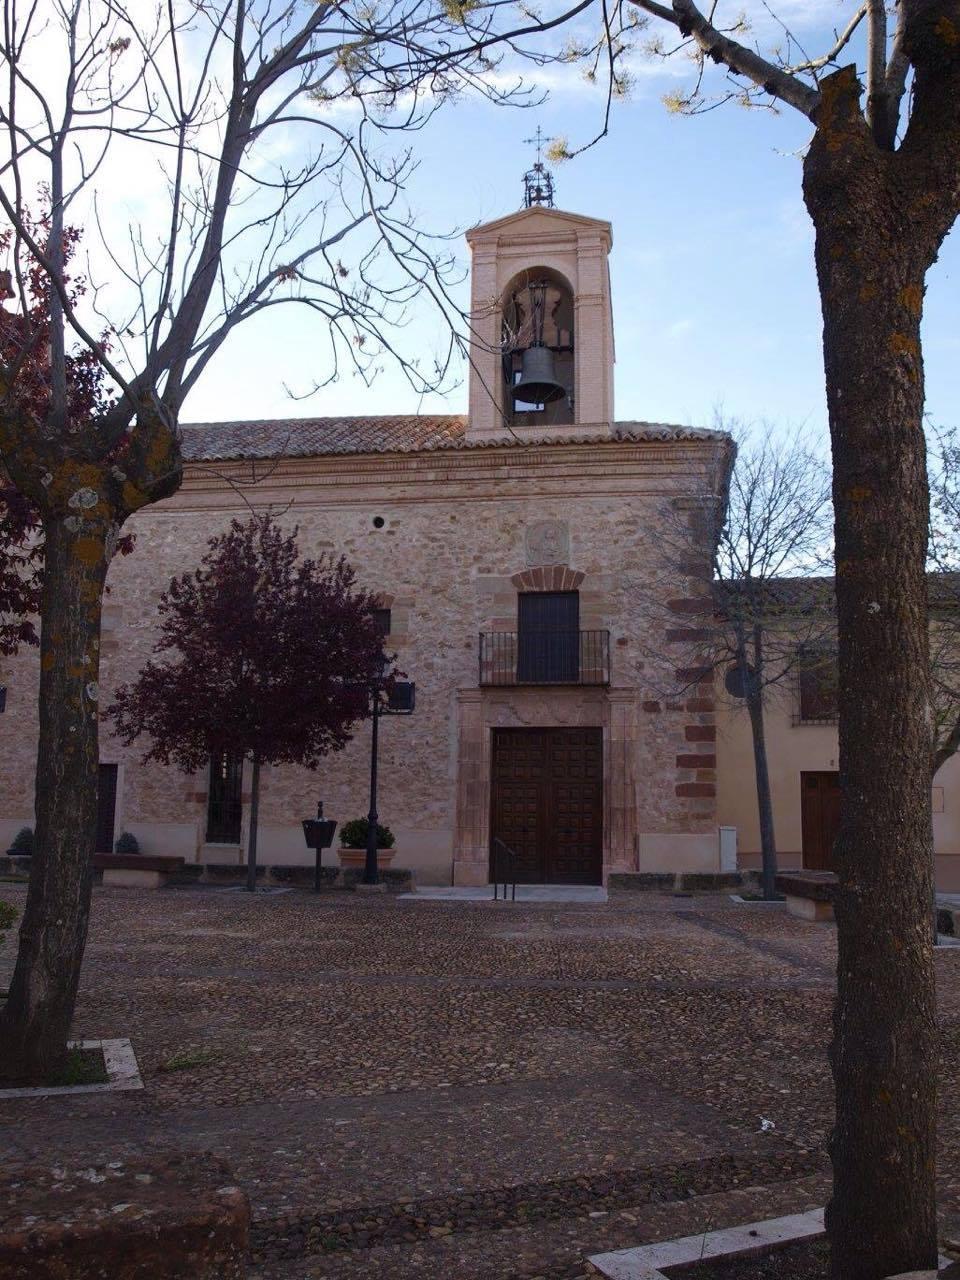 vista-del-convento-de-agustinos-de-santo-tomas-de-villanueva-autor-salvador-carlos-duenas